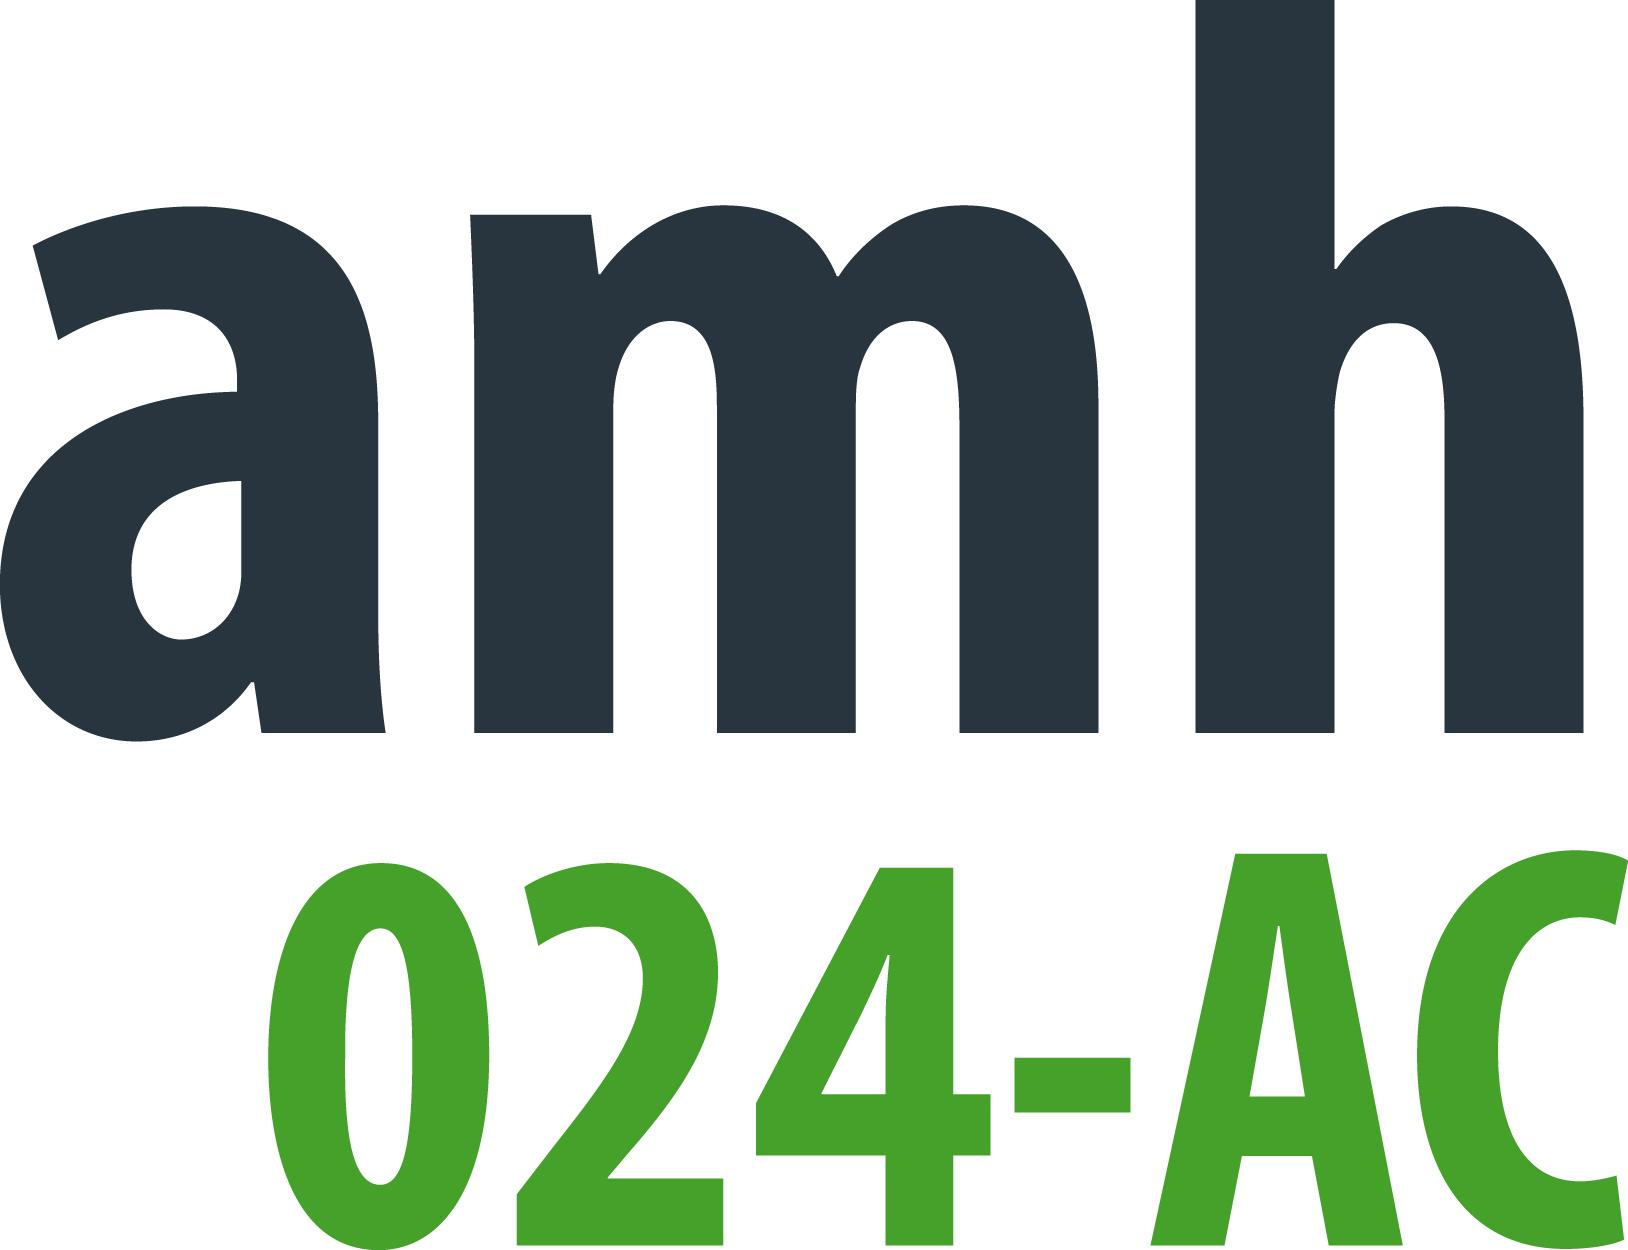 amh024ac